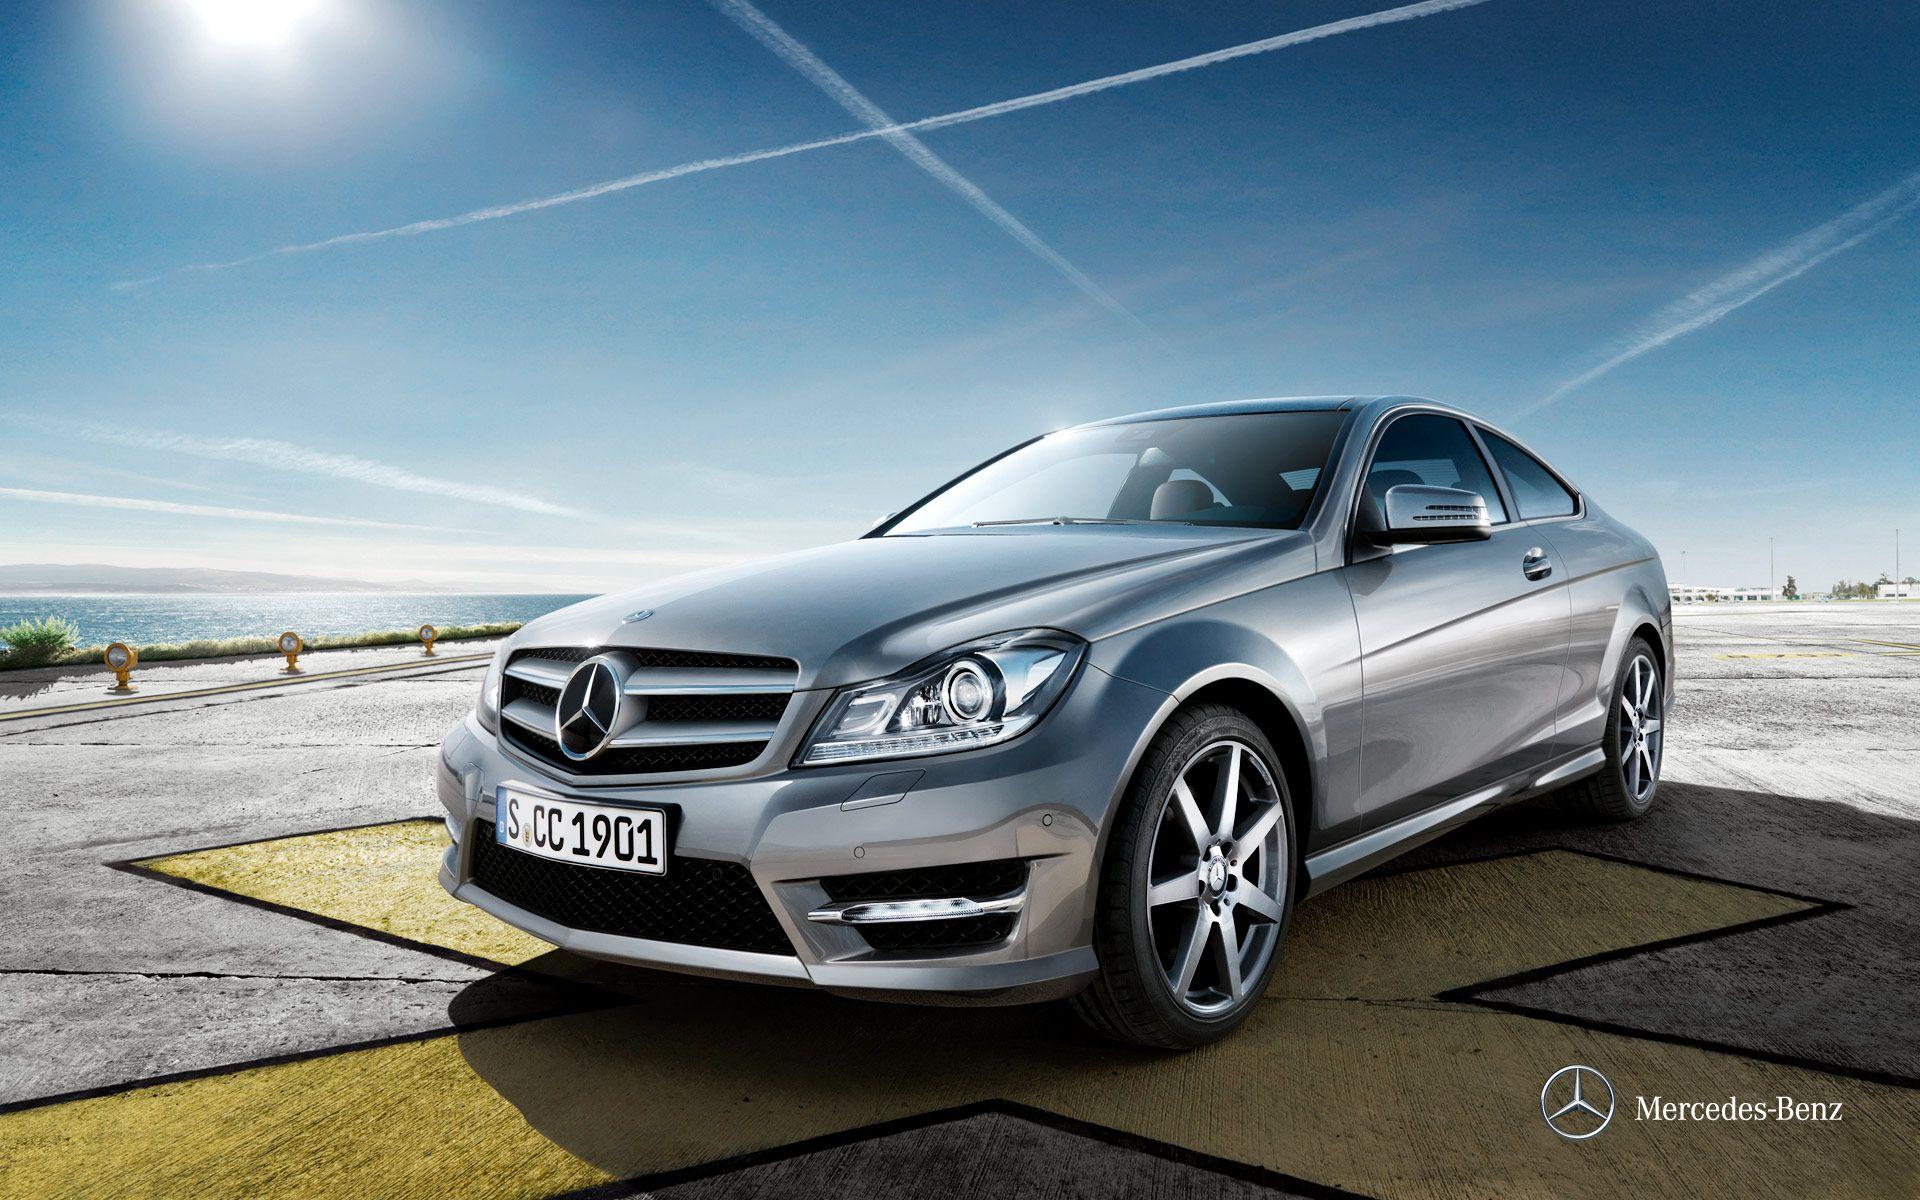 Mercedes Benz C Class Coupe Fuel Consumption Combined 12 0 4 1 L